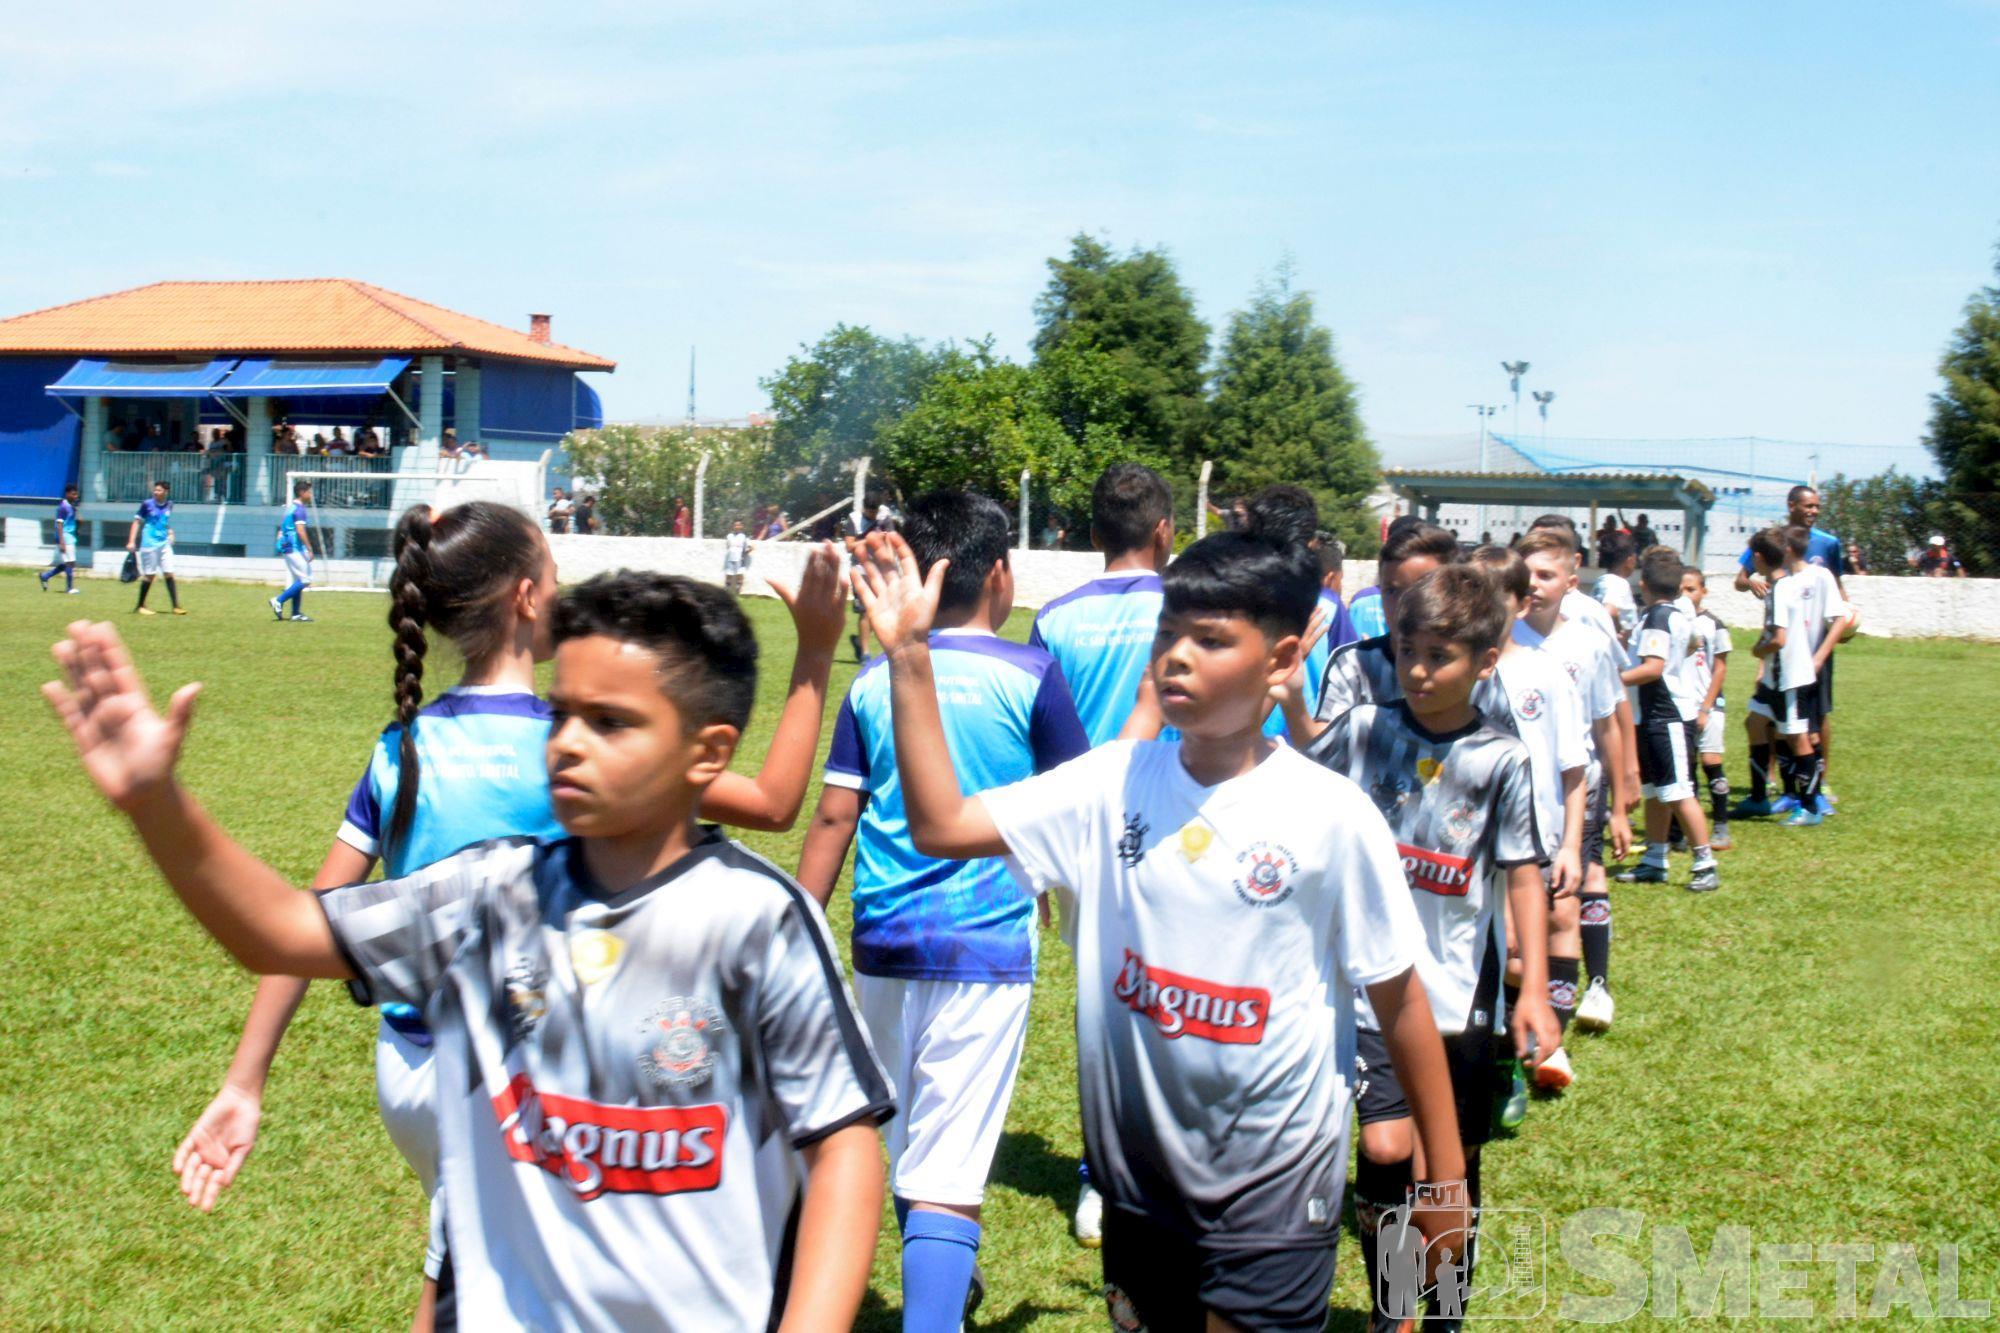 Jogos amistosos da Escolinha de Futebol do São Bento/Smetal, amistoso,  escolinha,  são,  bento,  Corinthians,  jogo,  partida, Foguinho/Imprensa SMetal, Escolinha do São Bento: amistoso agita fim de semana dos alunos